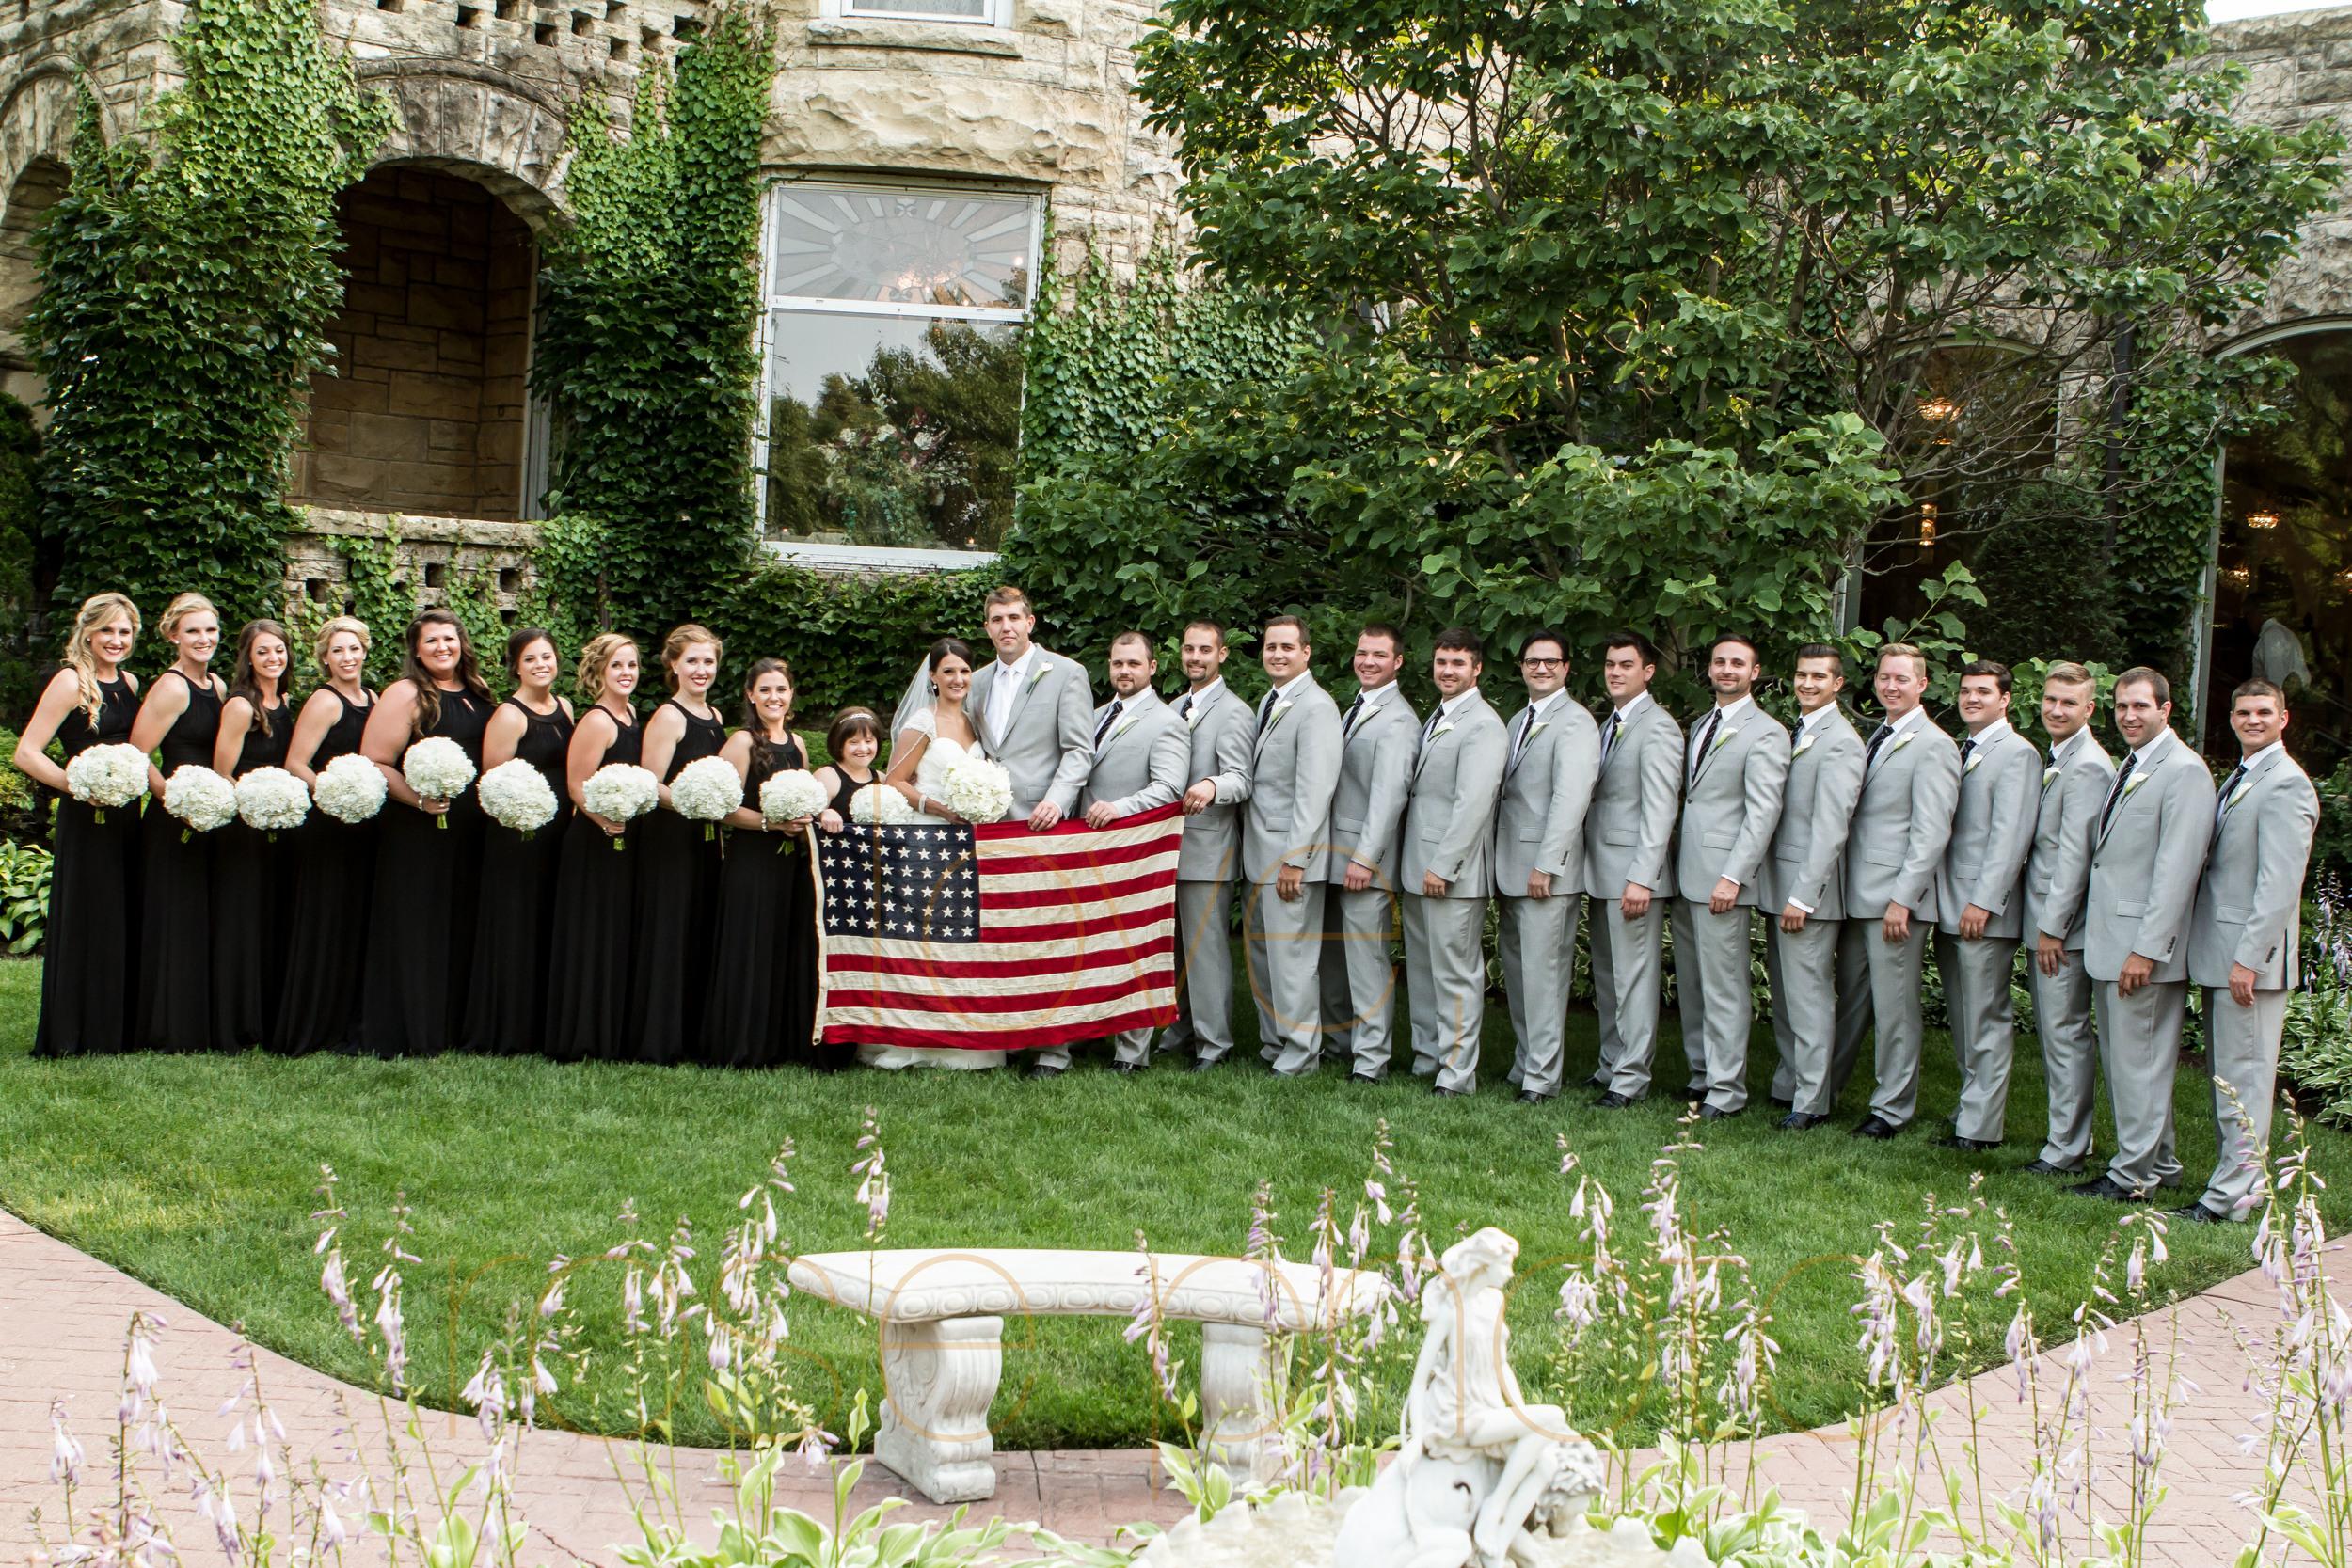 ellen + bryan chicago wedding joliet james healy mansion portrait lifestyle photojournalist photographer -015.jpg